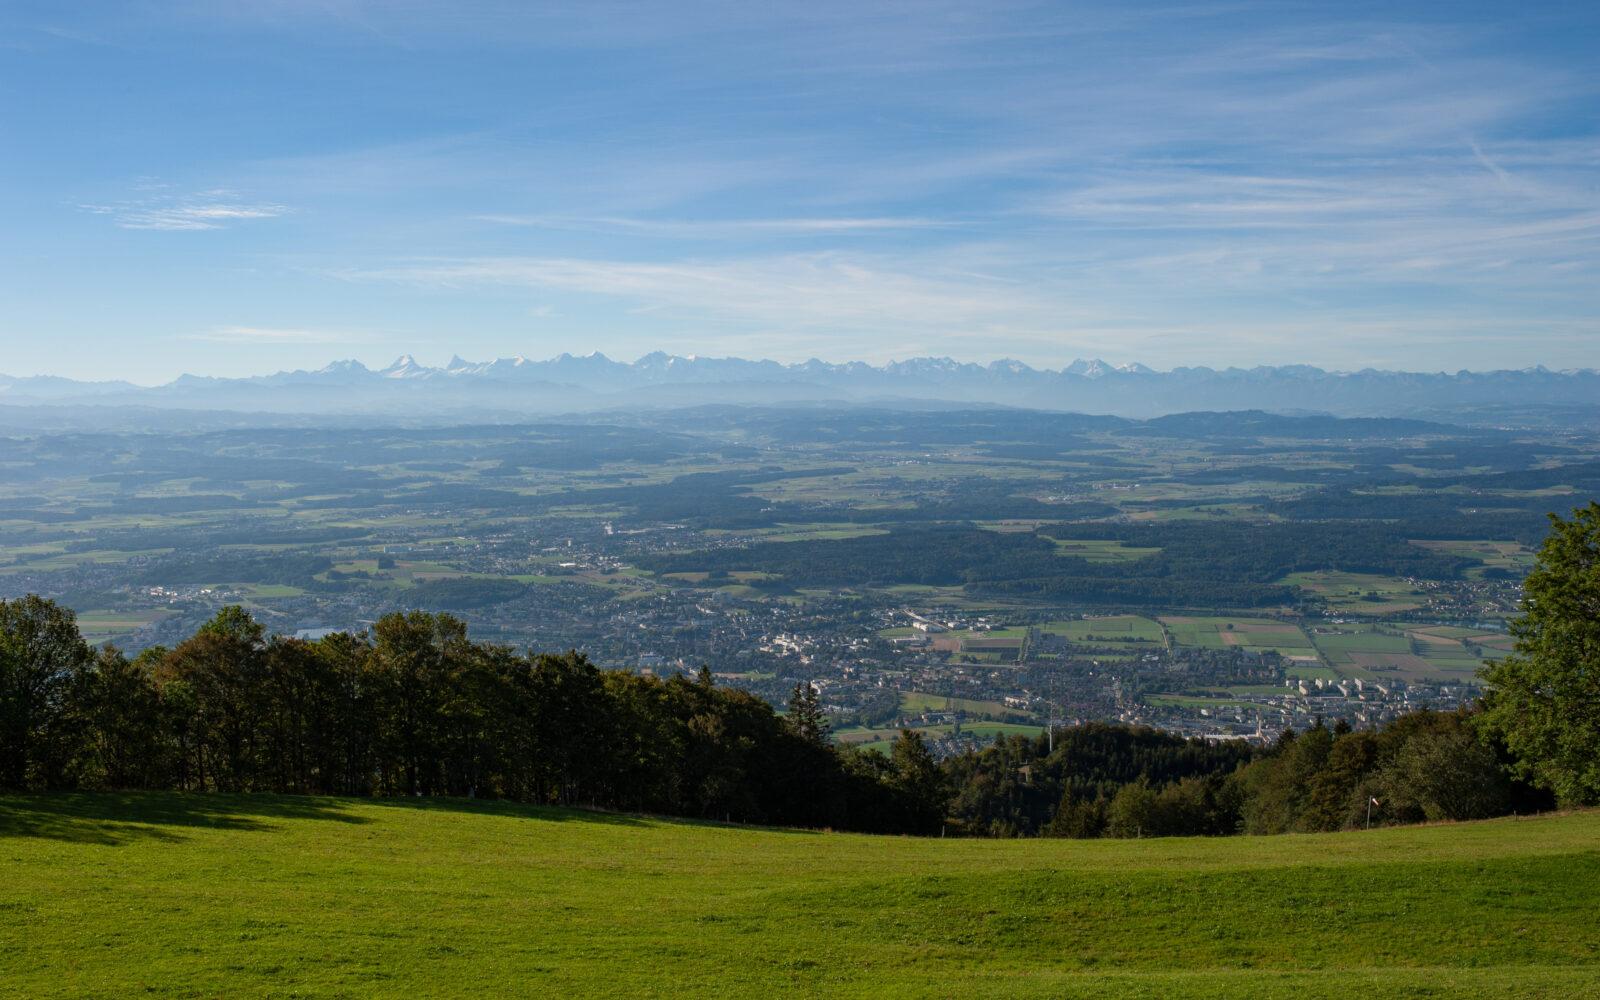 Aussicht Weissenstein zugeschnitten Solothurn Tourismus Urs Amiet